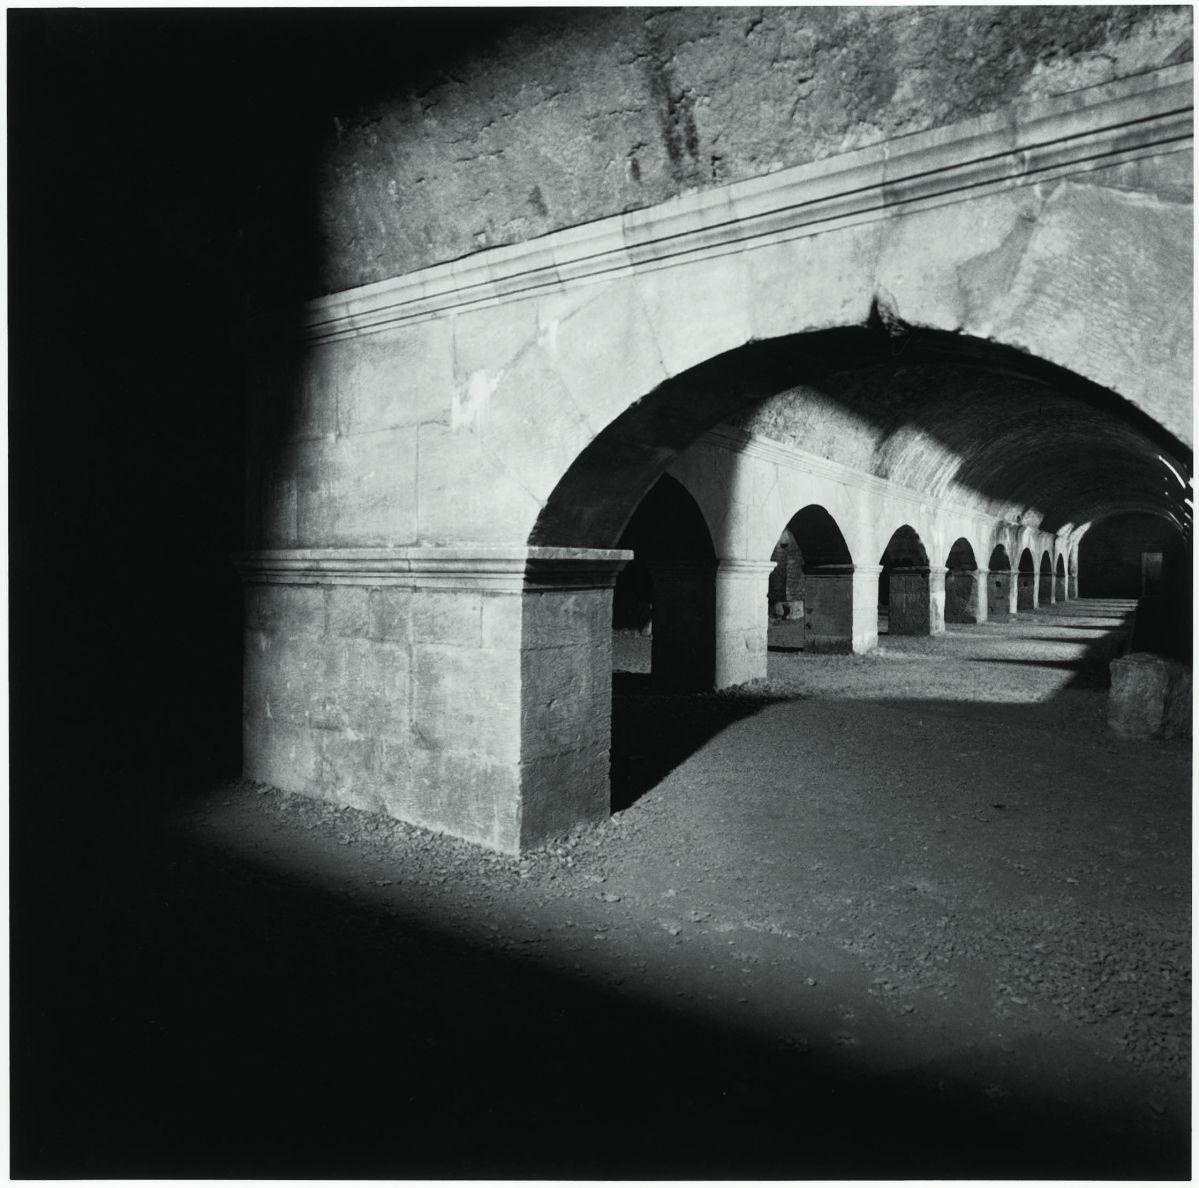 Jacqueline Salmon - La Raison de l'ombre et des nuages Arles, 1997-1998. Tirage argentique sur papier baryté